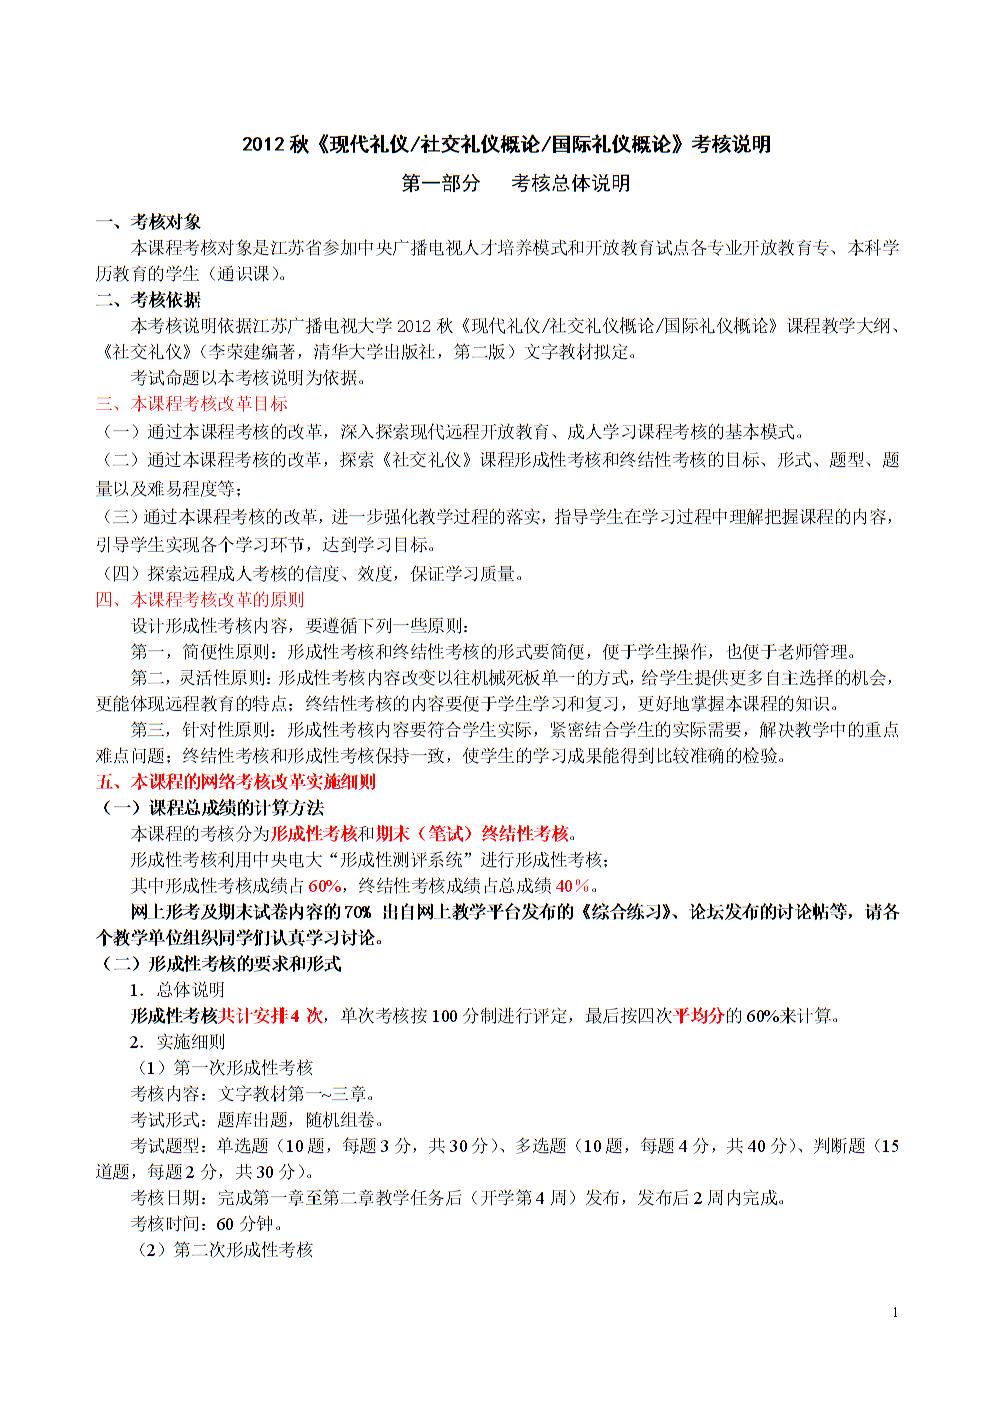 2012秋《现代(社交)礼仪礼貌》考核说明.doc